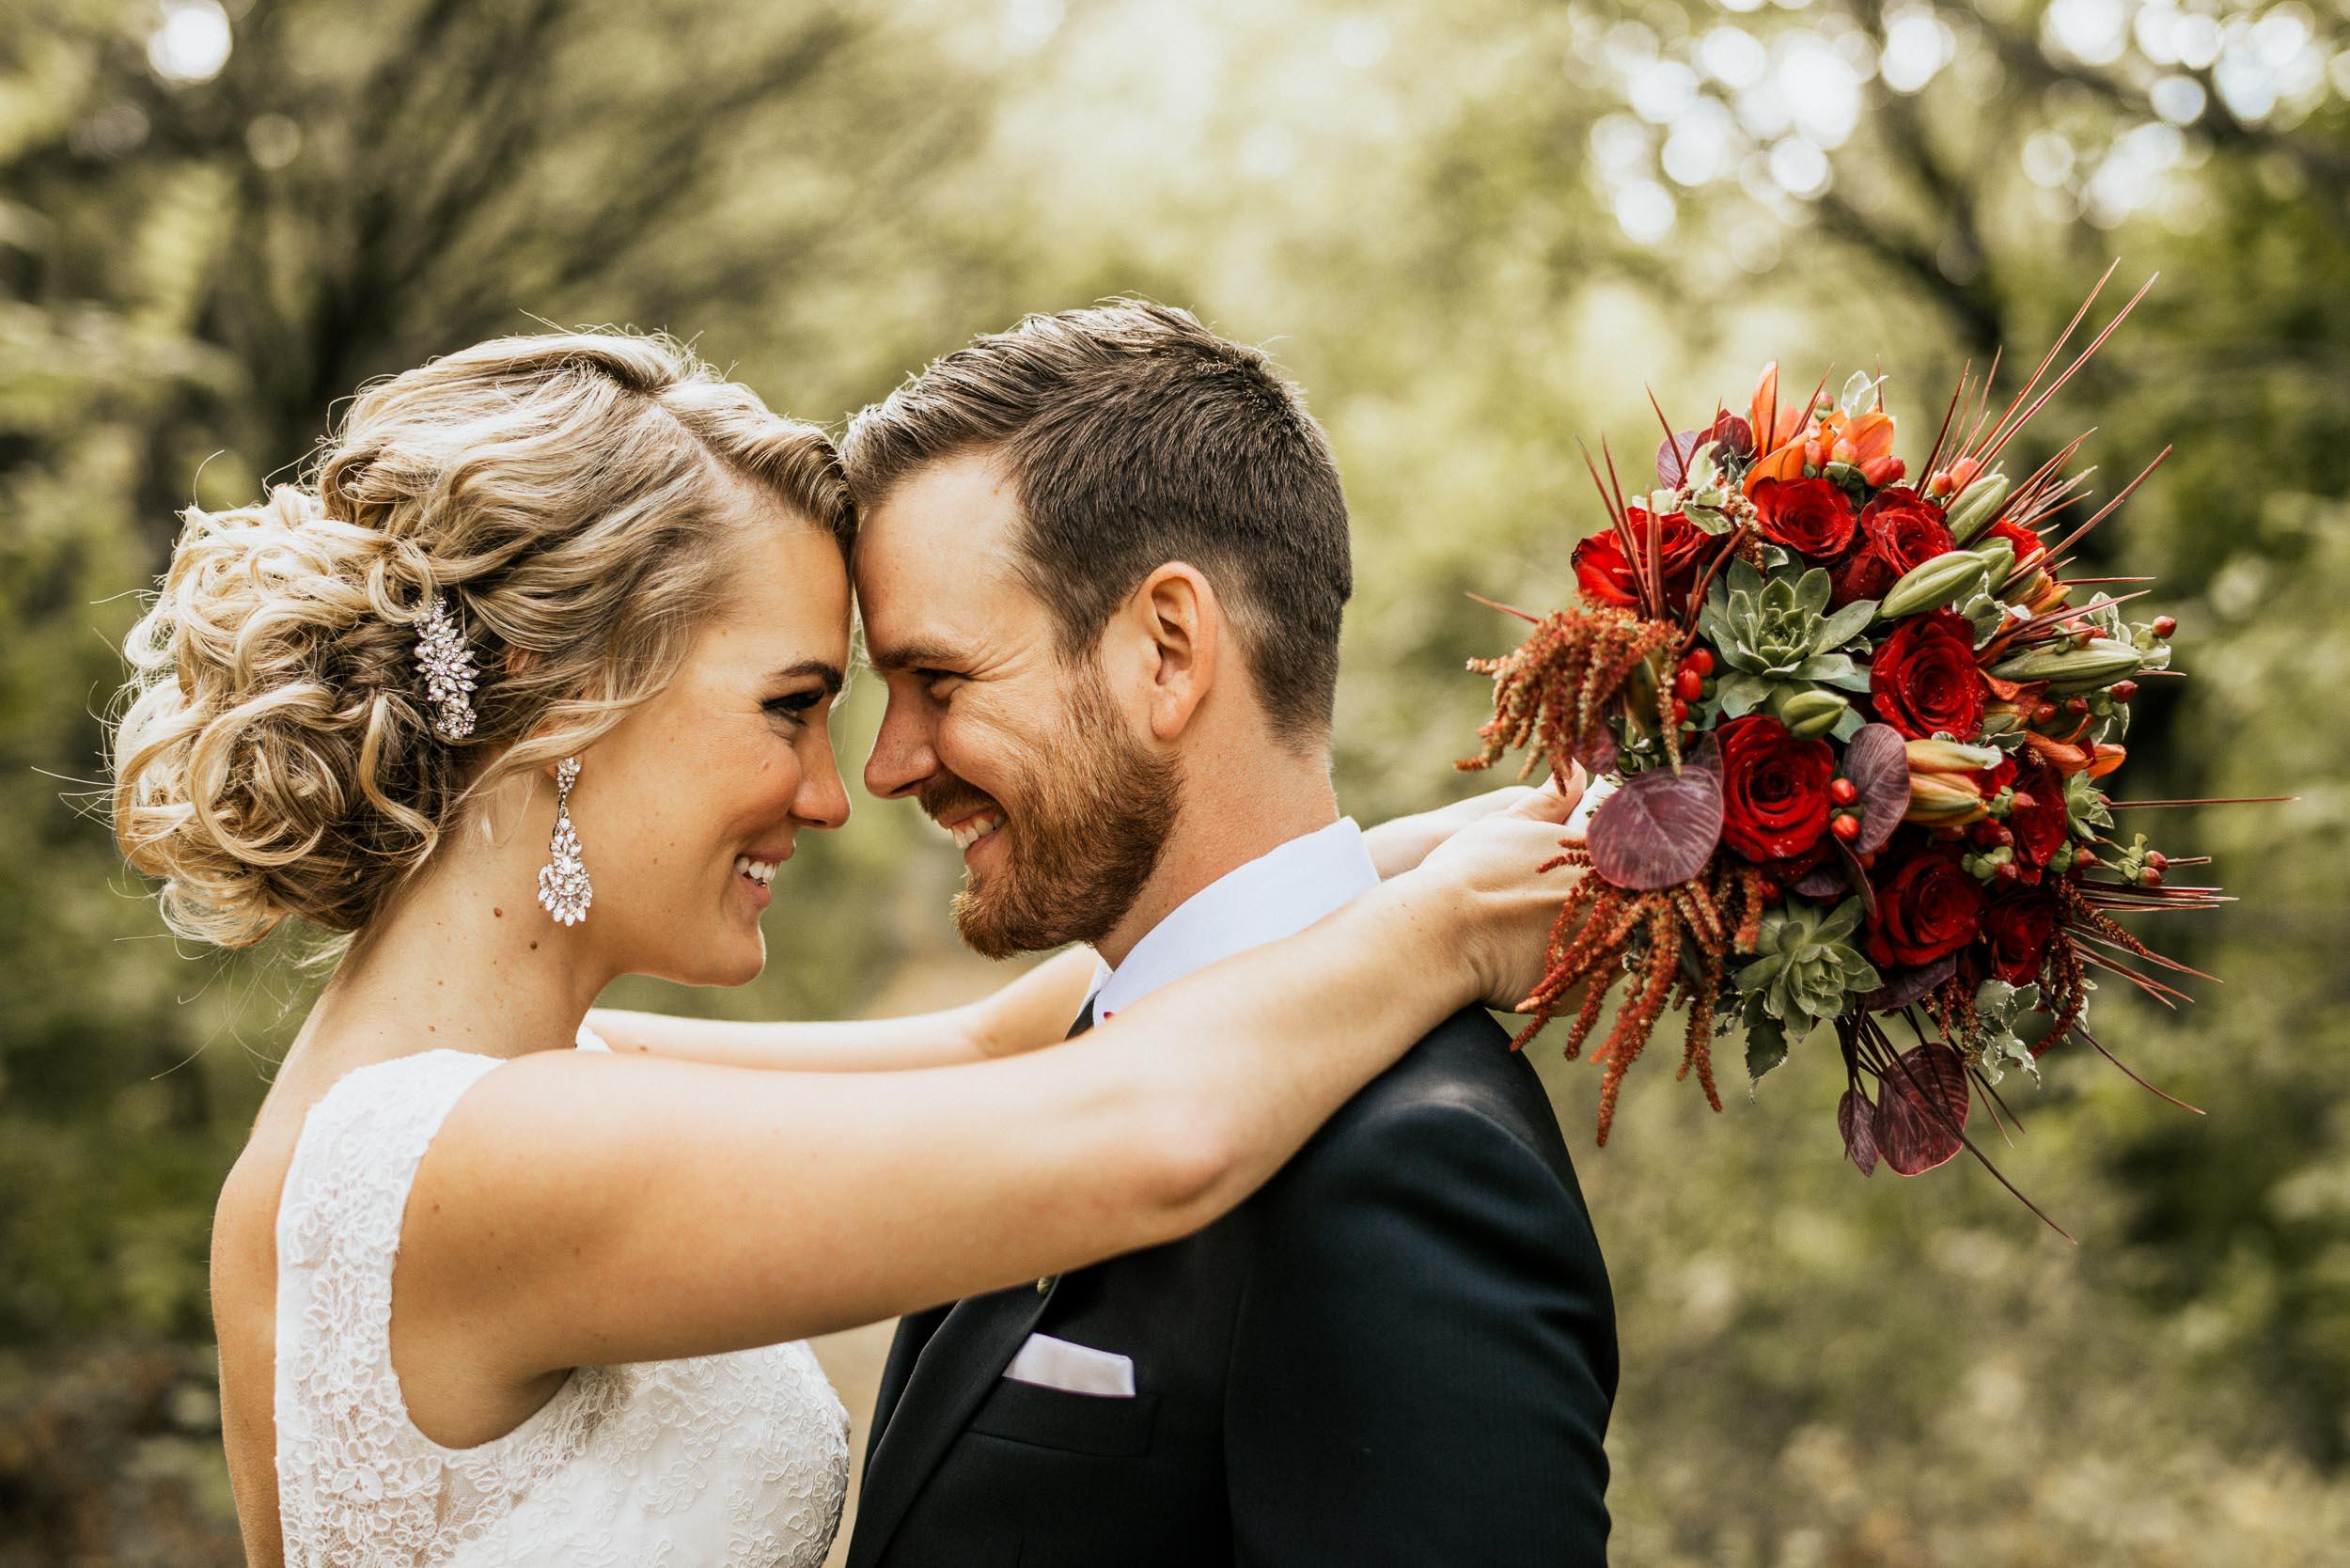 wedding-photography-stratford-davidiam-026.jpg